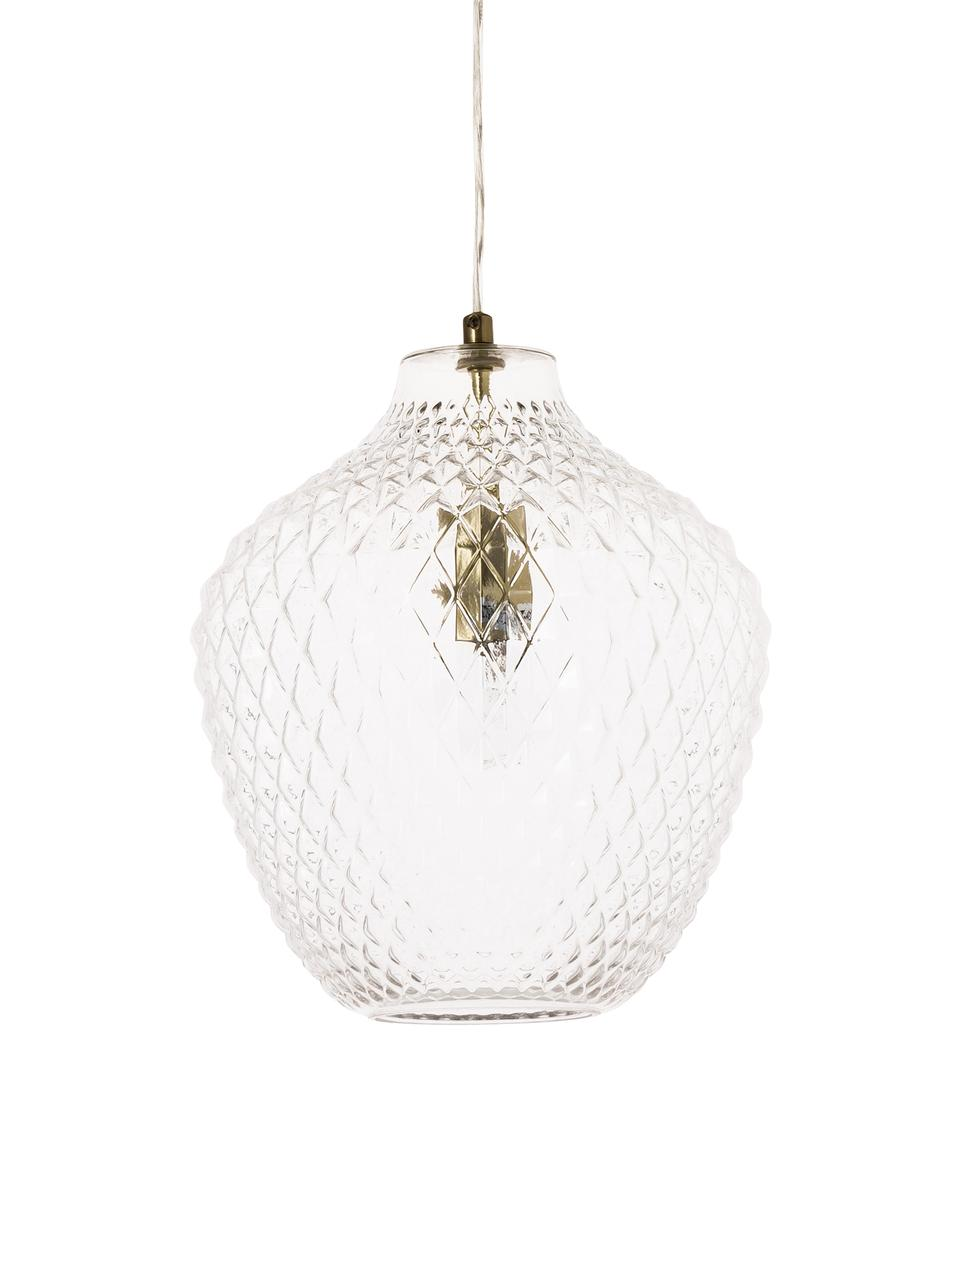 Pendelleuchte Lee aus Glas, Lampenschirm: Glas, Transparent, Messing, ∅ 27 x H 33 cm